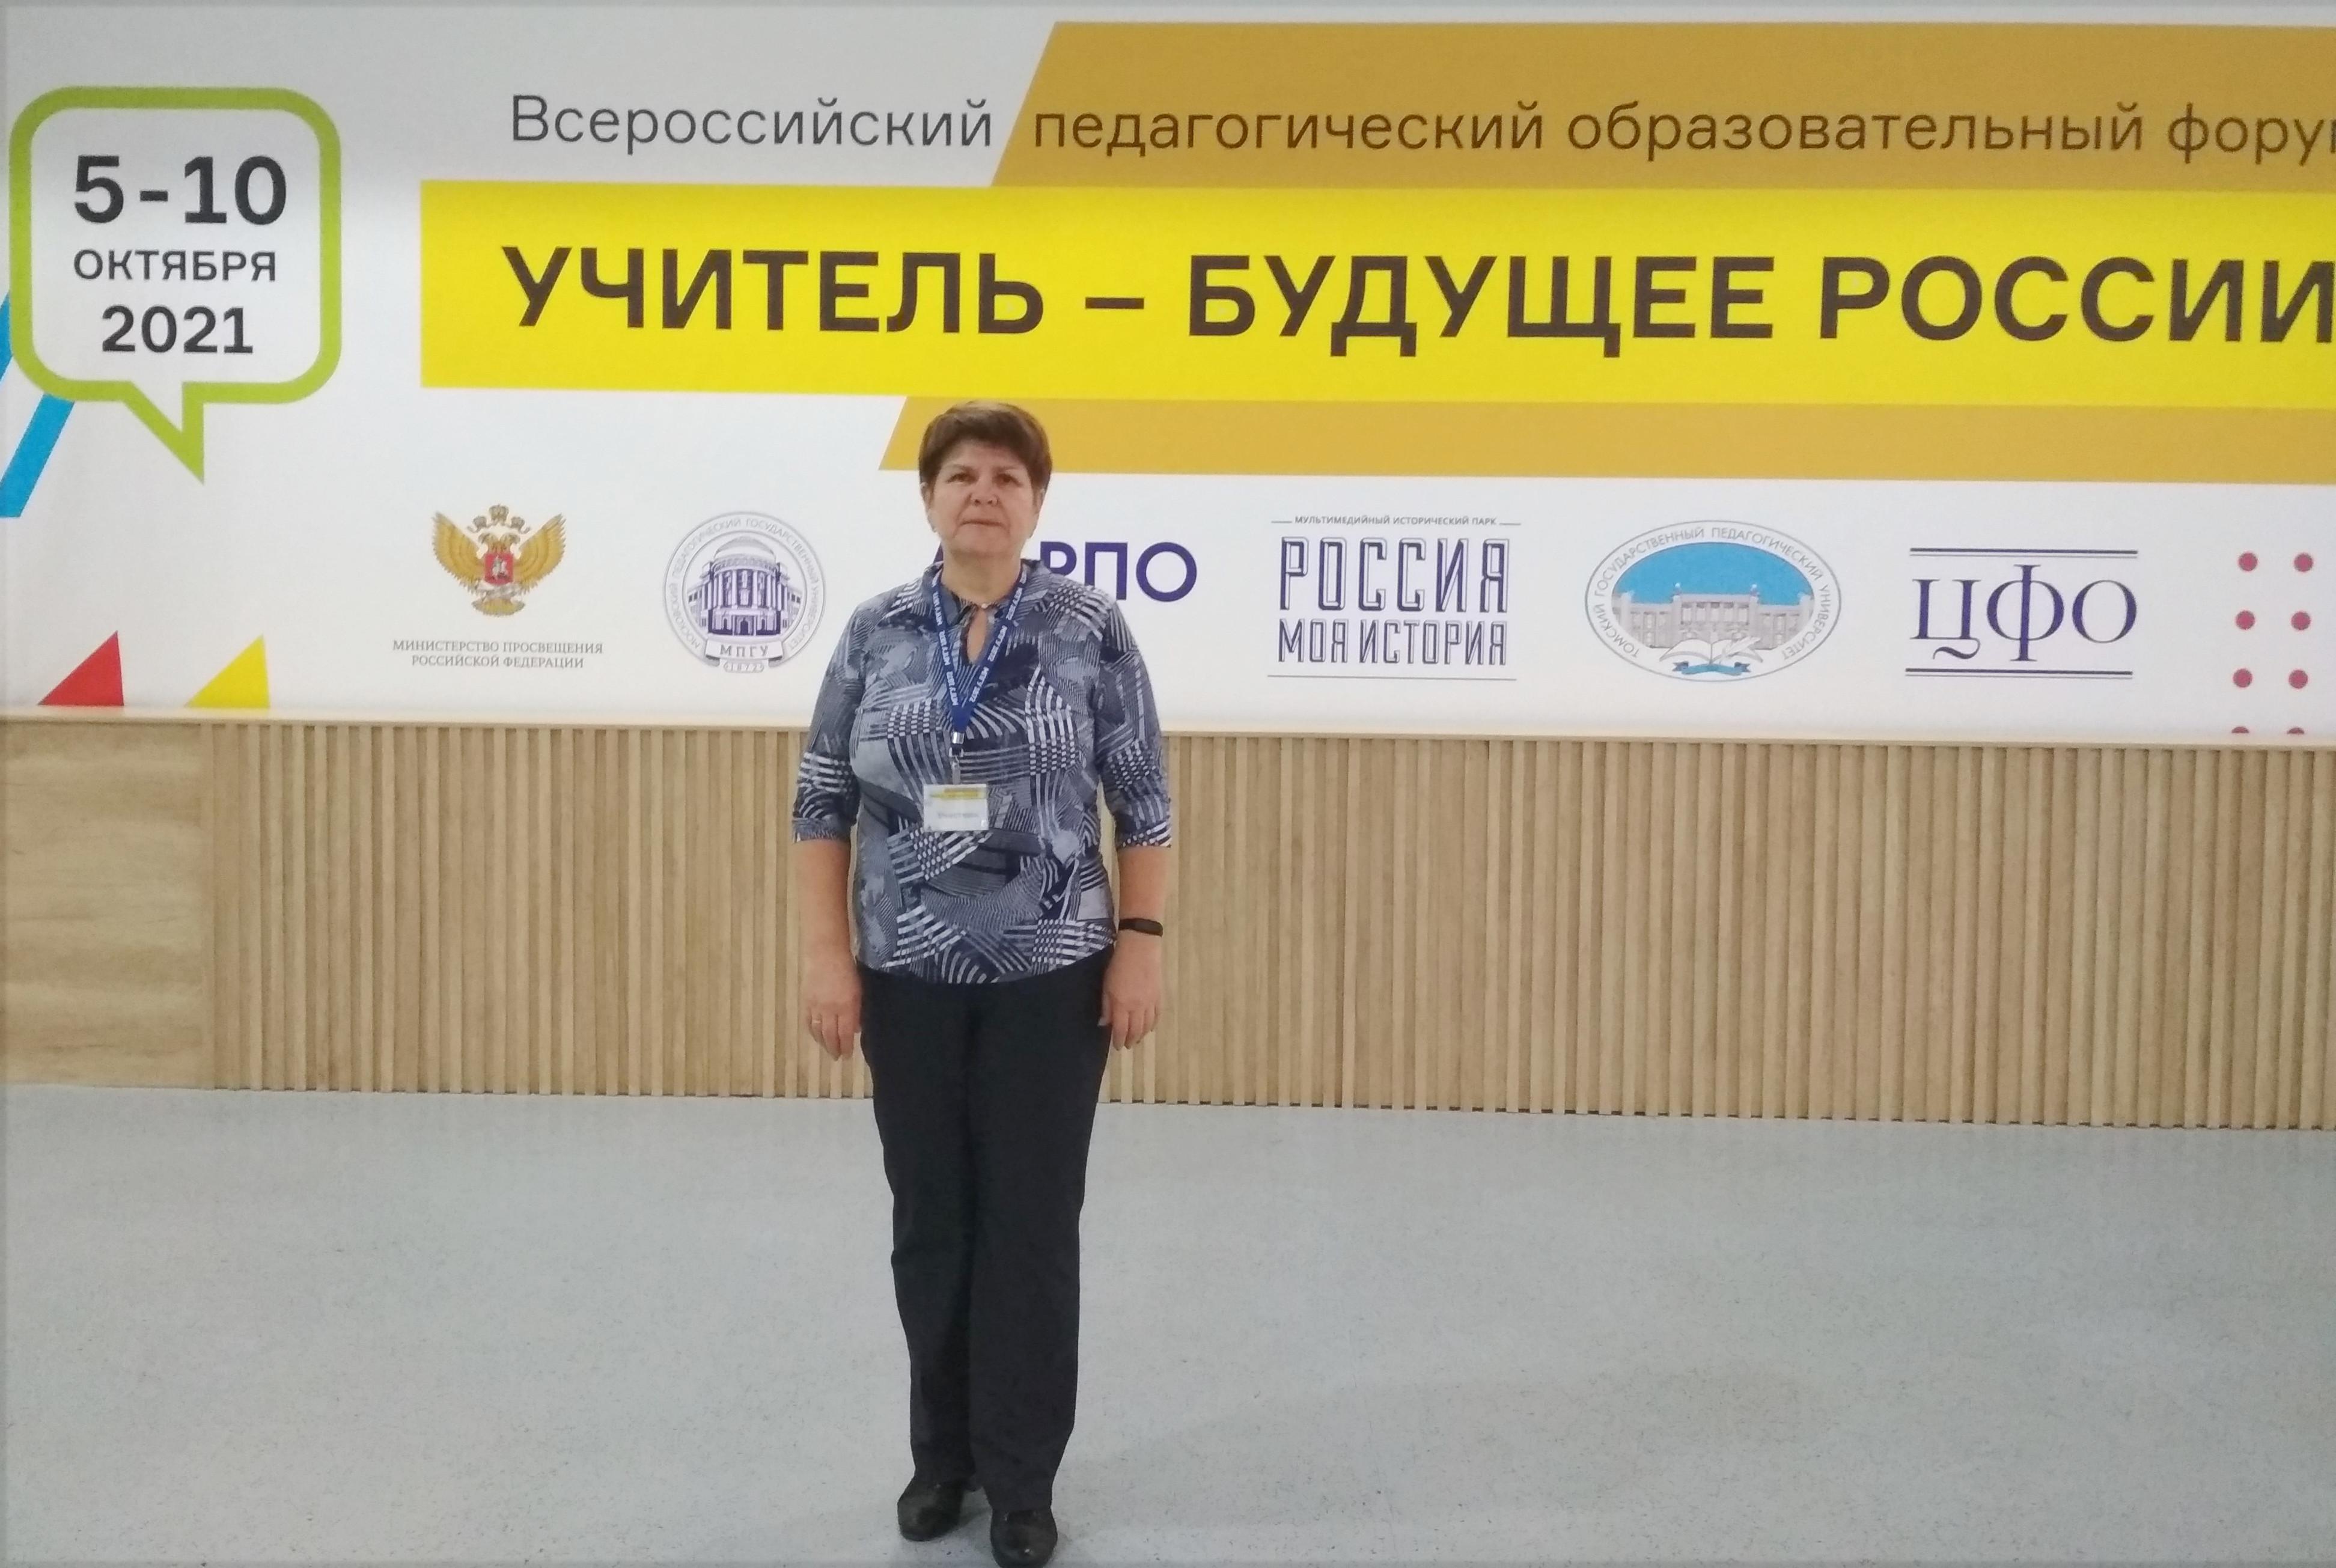 Доцент АлтГПУ Л.Ю. Головеева приняла участие в работе Всероссийского педагогического образовательного форума «Учитель – будущее России»